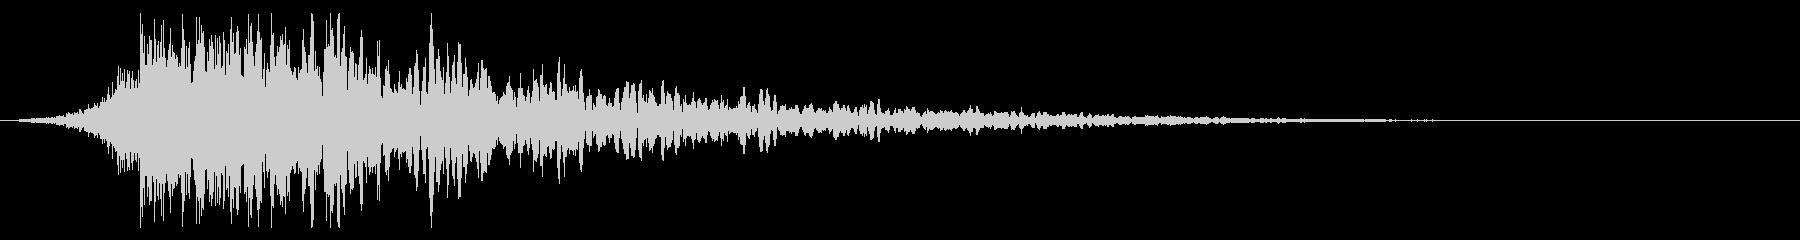 シュードーン-51-1(インパクト音)の未再生の波形